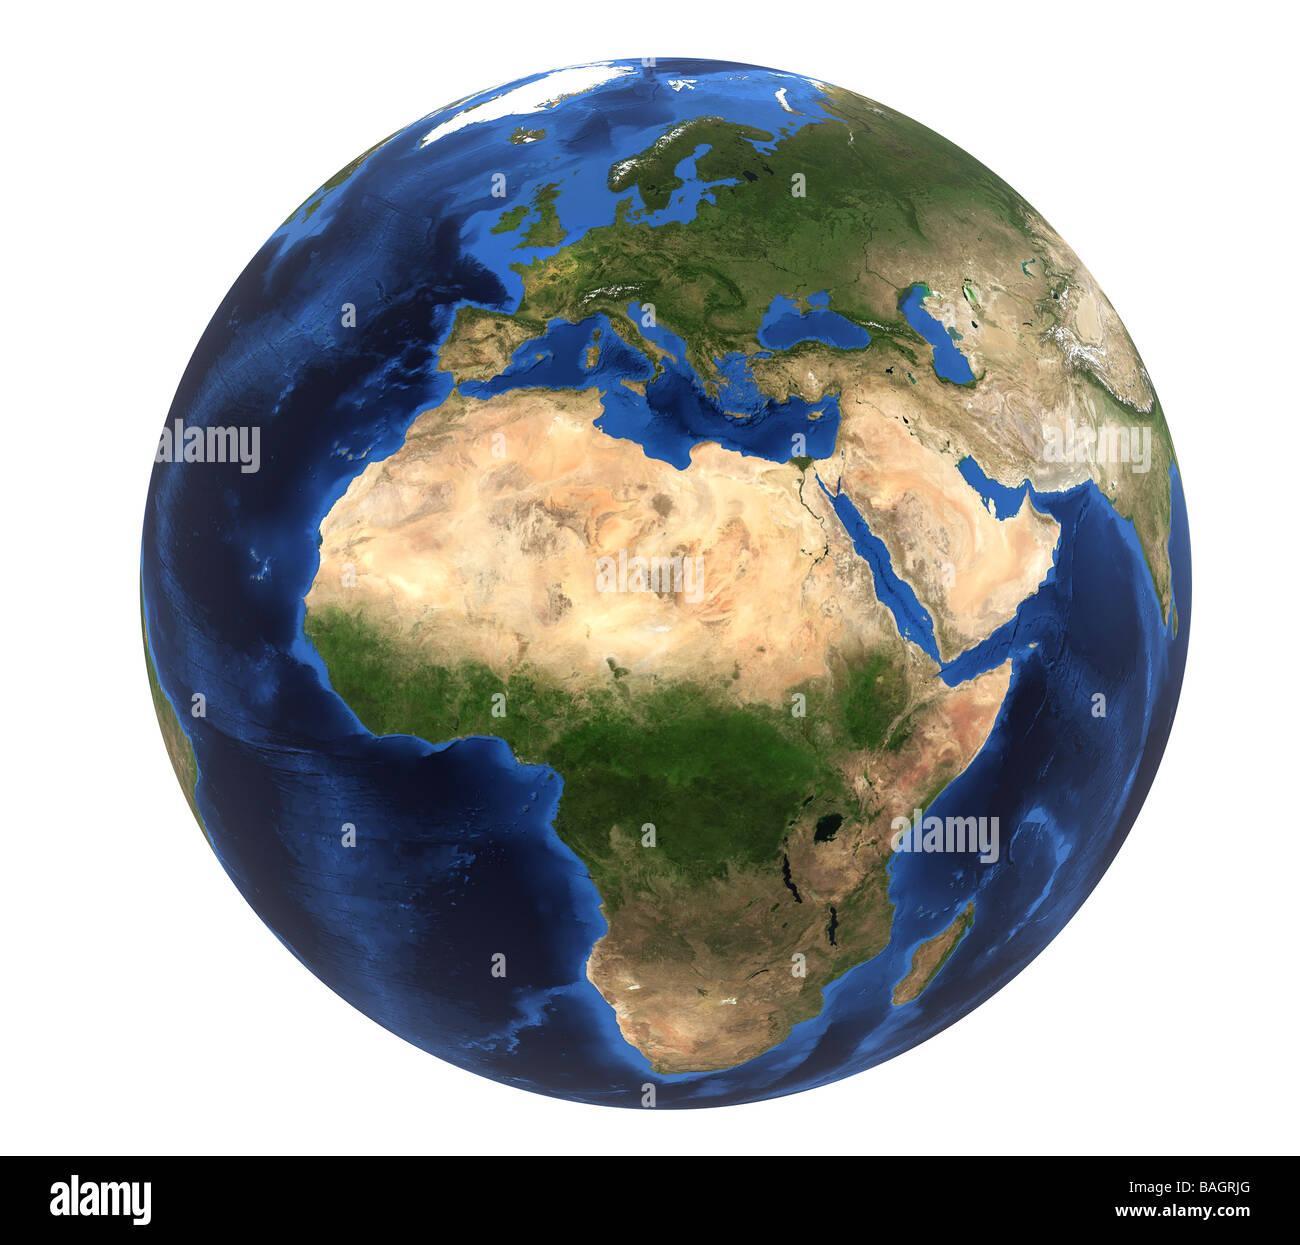 Representa la Tierra (imagen cortesía de NASA) mapa mostrando Europa y África sobre un fondo blanco (recorte) Imagen De Stock